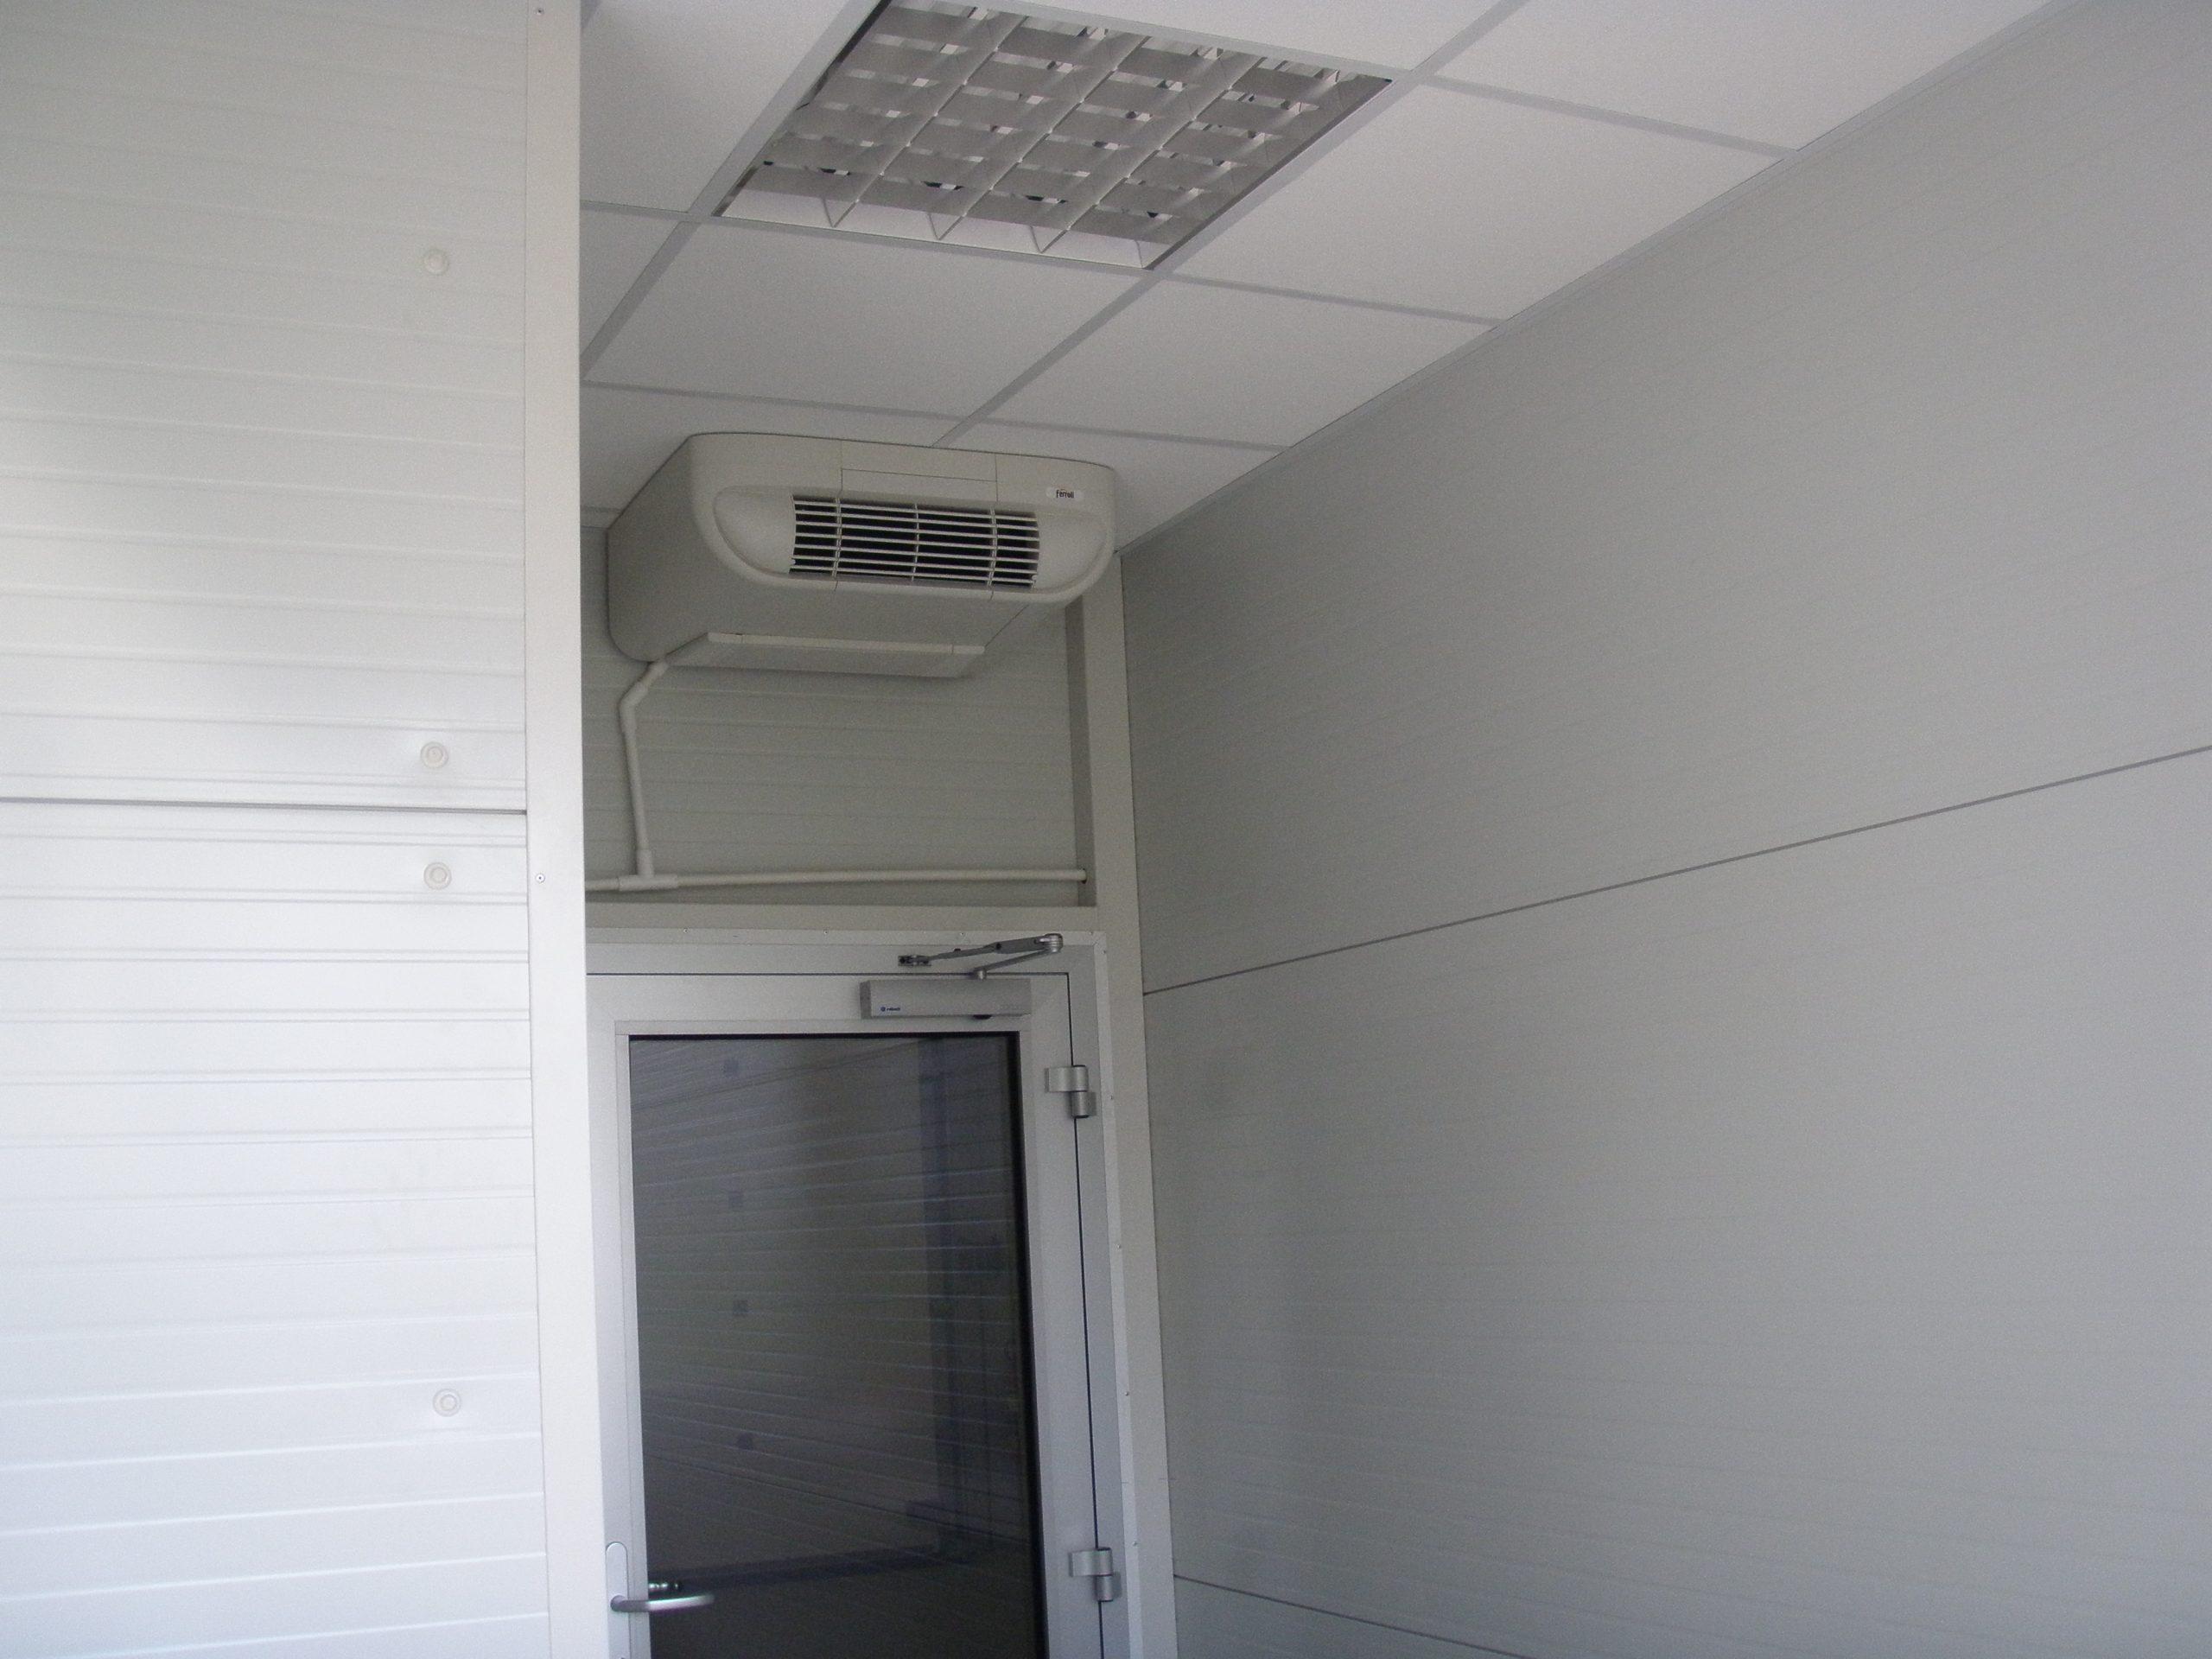 Multifunkční radiátor v kanceláři